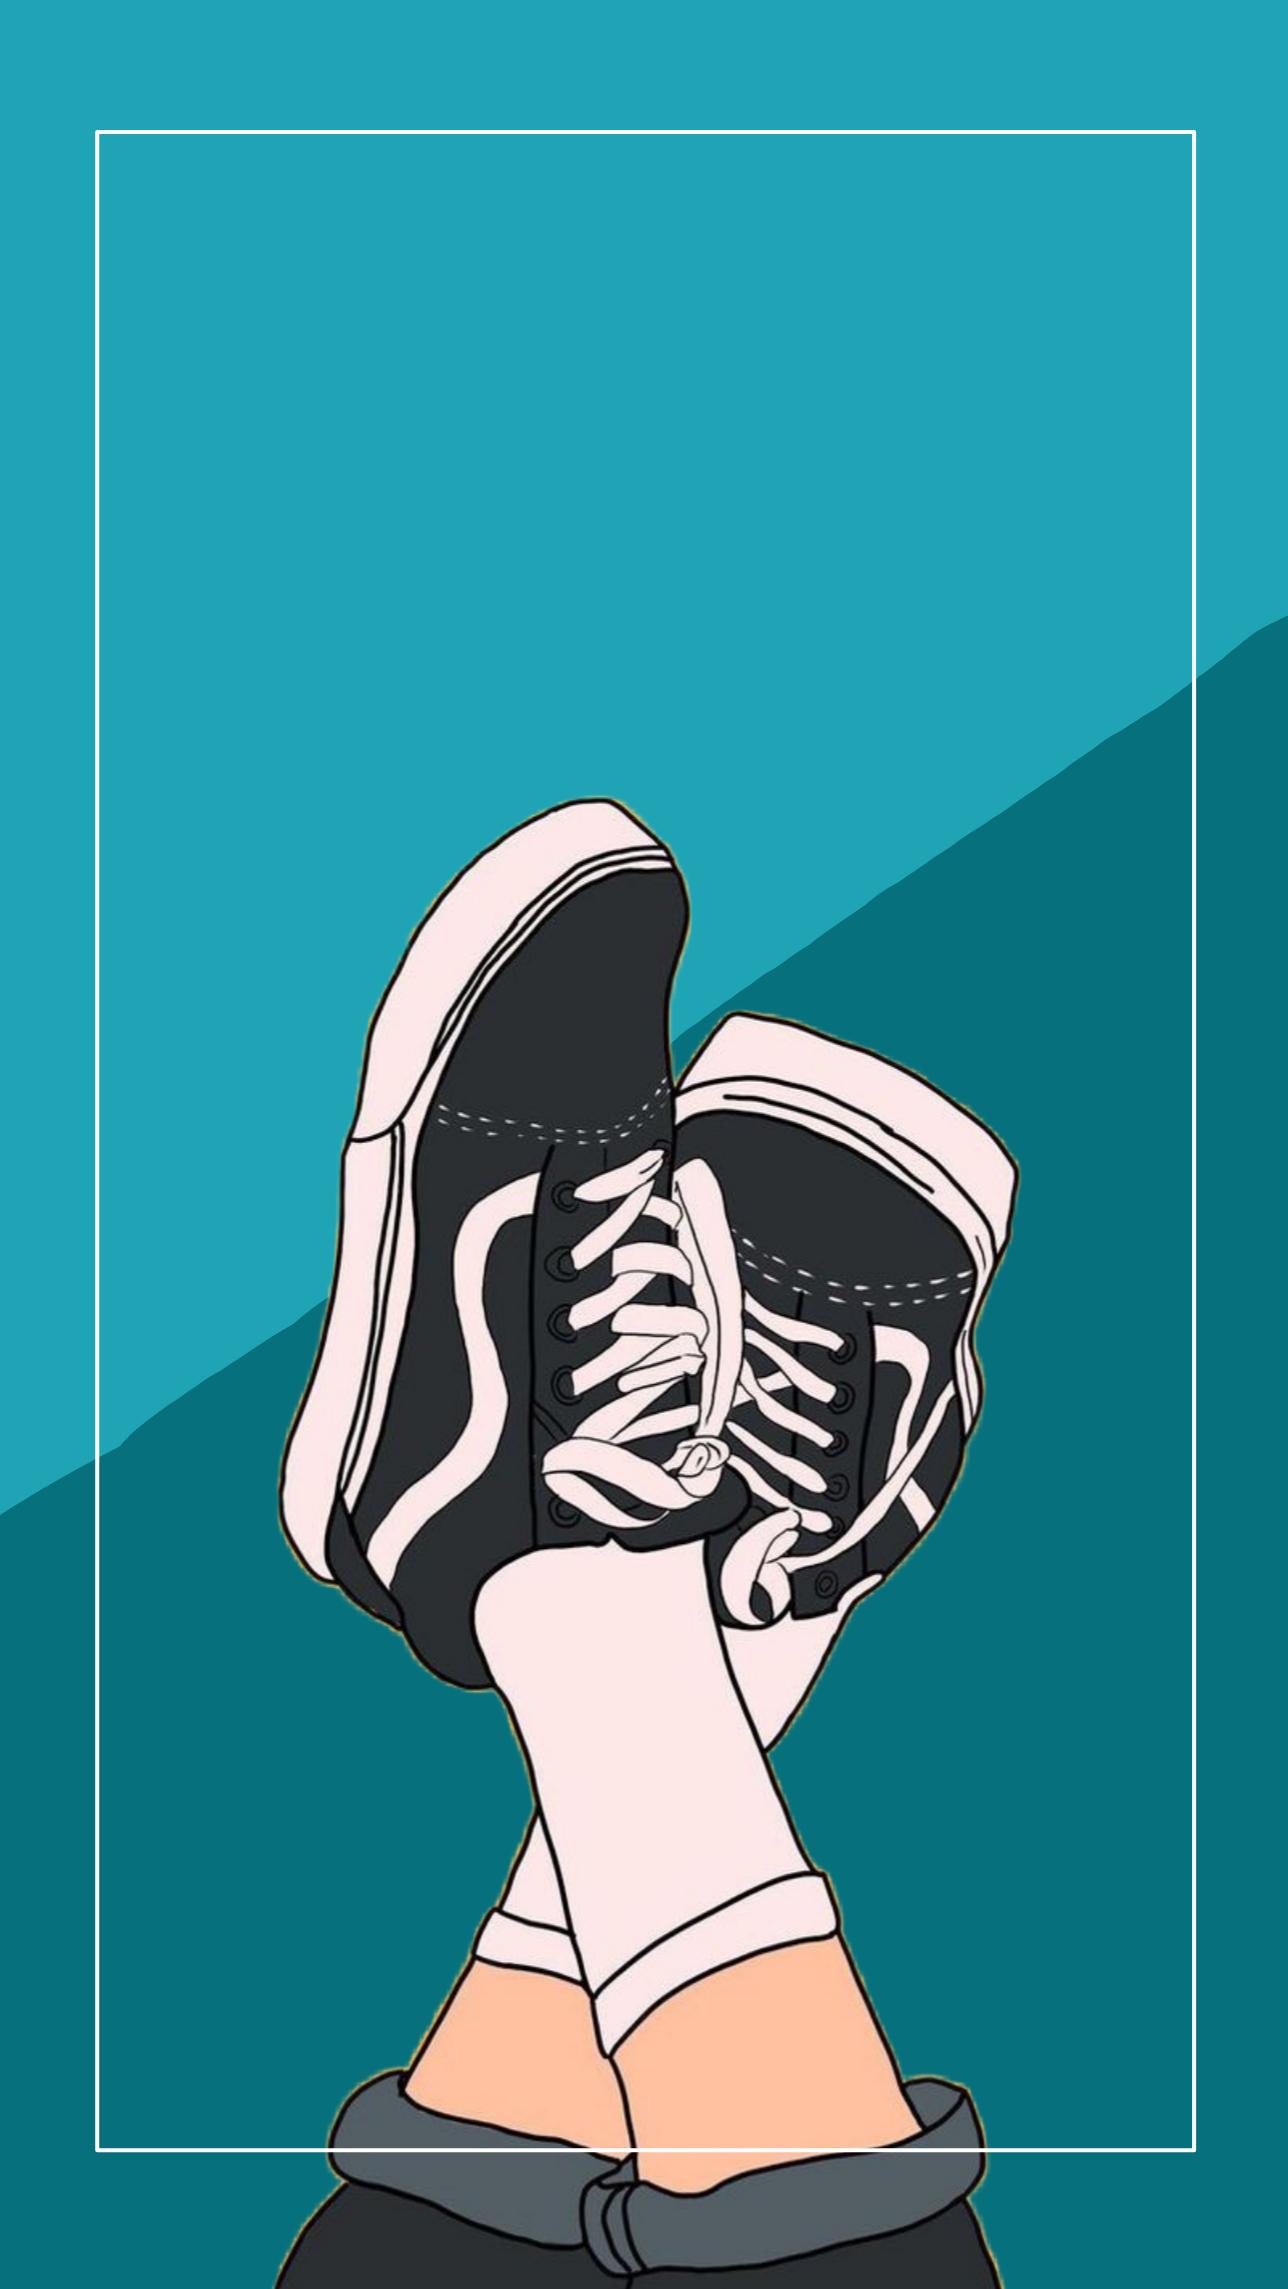 Vans In 2020 Cute Cartoon Wallpapers Cool Tomboy Wallpapers Vaporwave Wallpaper